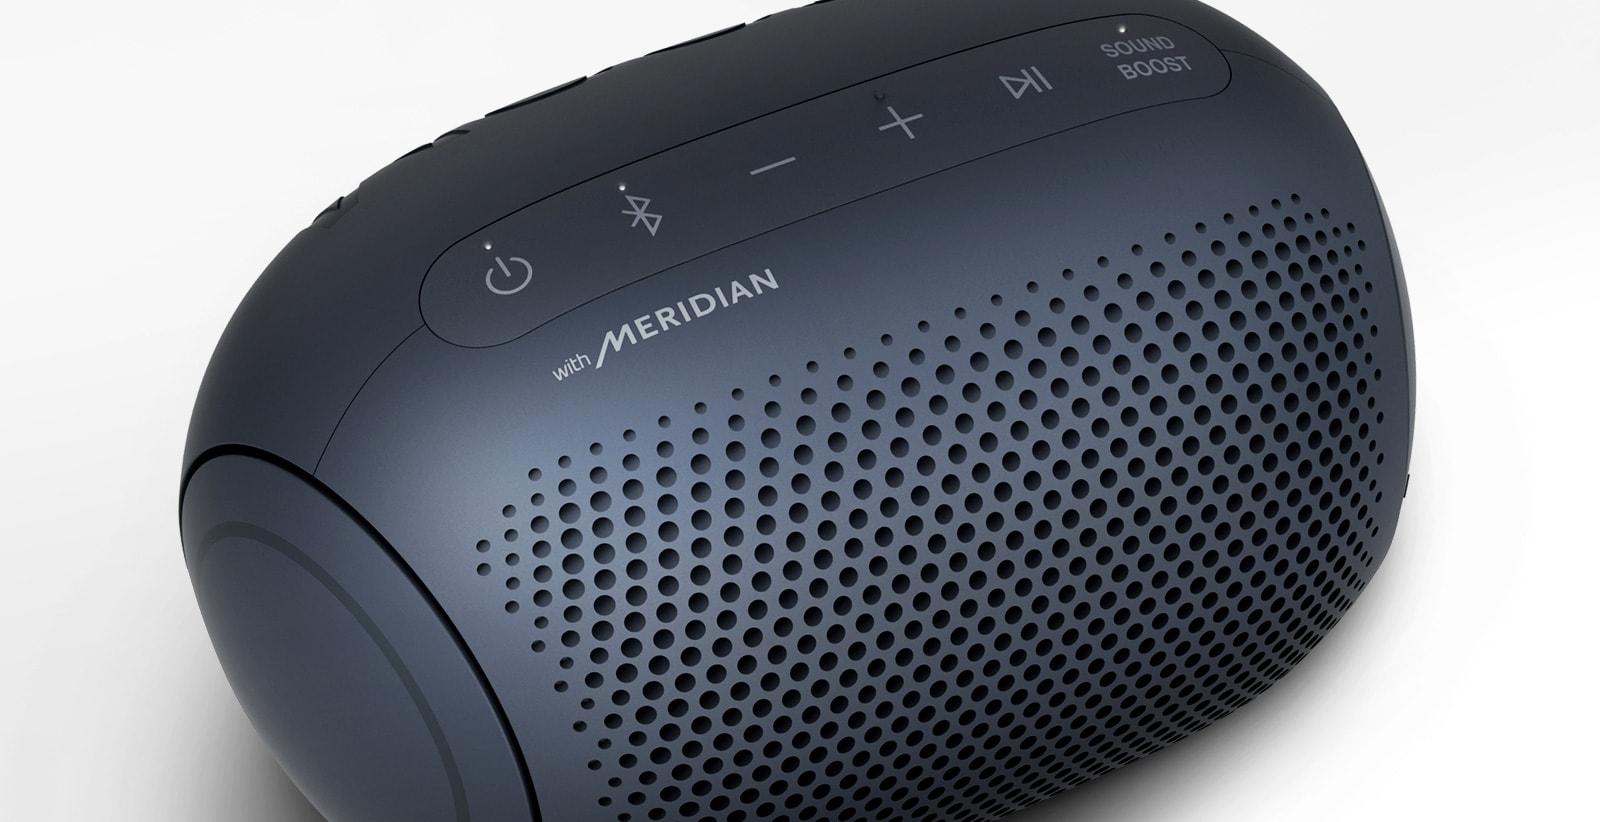 Sobre un fondo blanco, hay un primer plano del logo de Meridian del LG XBOOM Go con iluminación magenta.